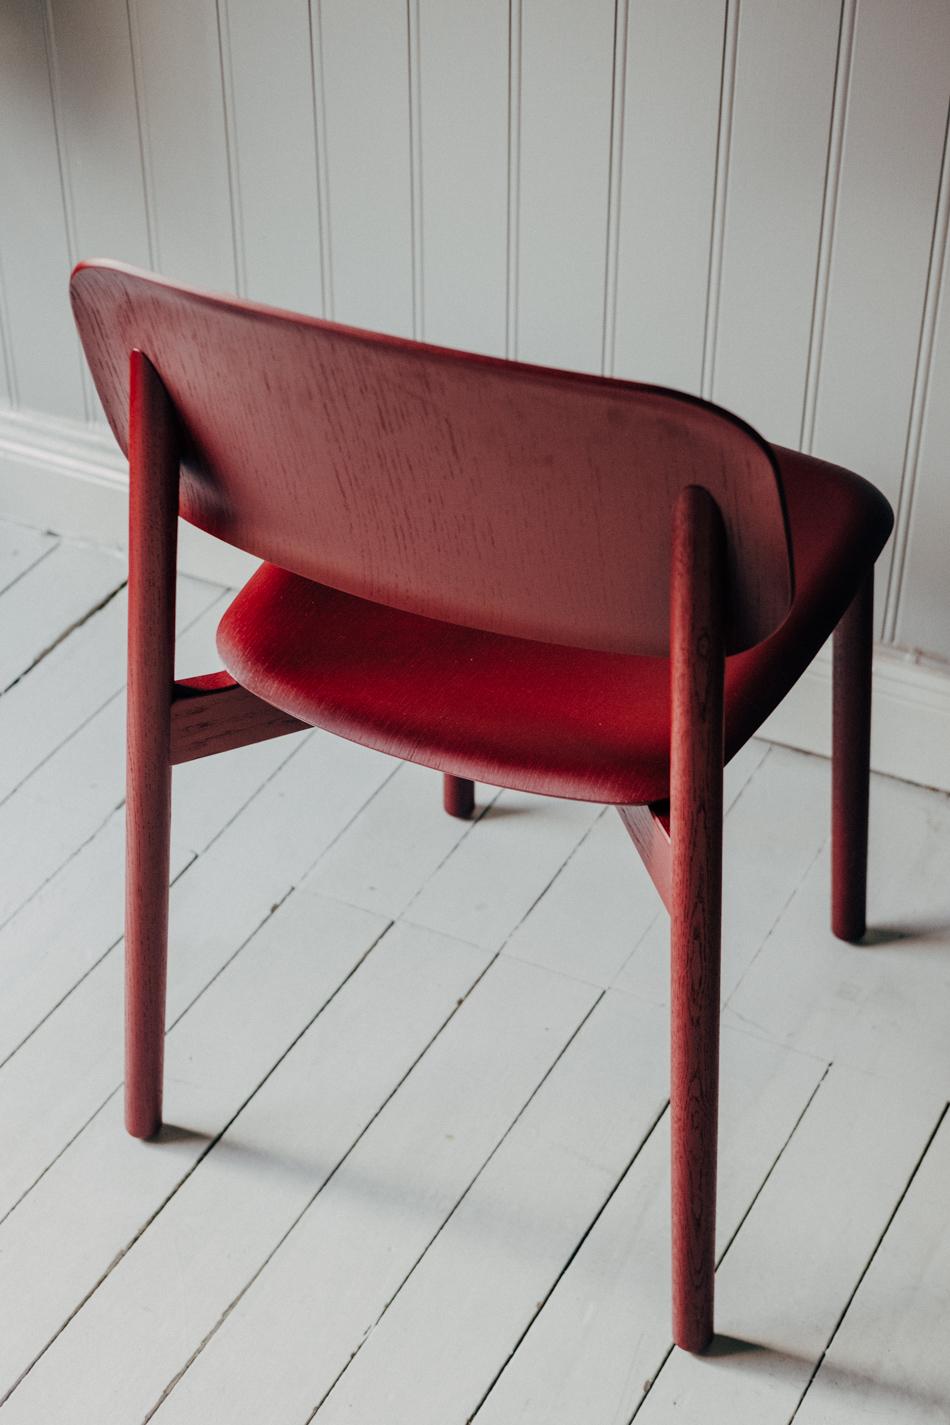 Soft Edge Chair 12 Fall Red